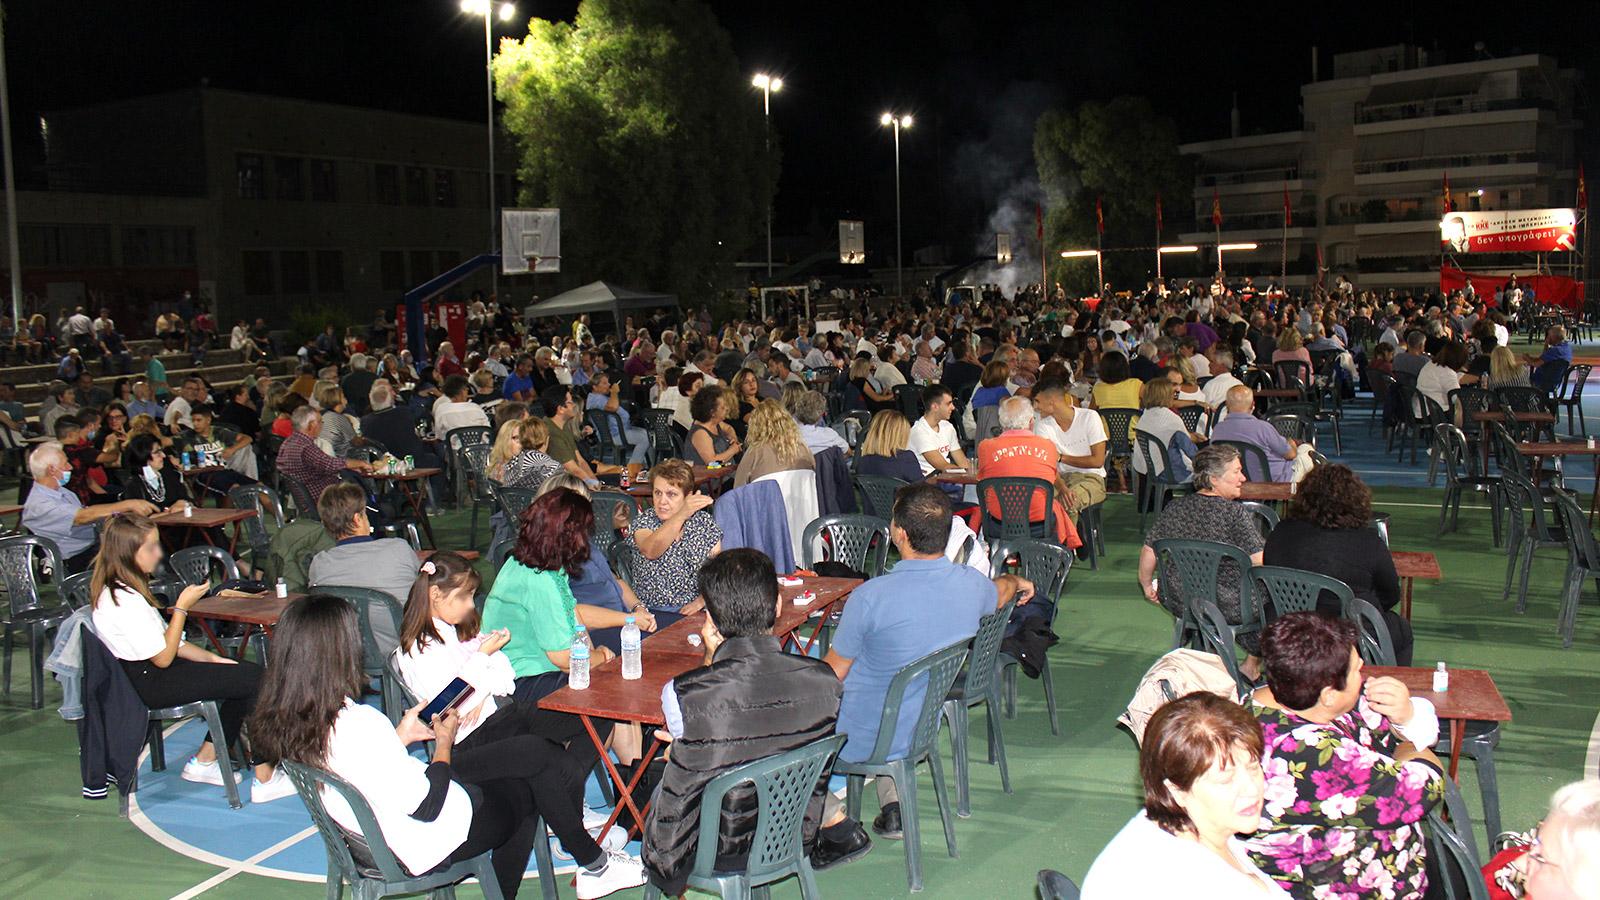 47ο Φεστιβάλ ΚΝΕ & «Οδηγητή» στο Αγρίνιο: «Η αλήθεια του ΚΚΕ είναι η αλήθεια του εργατικού – λαϊκού συμφέροντος»